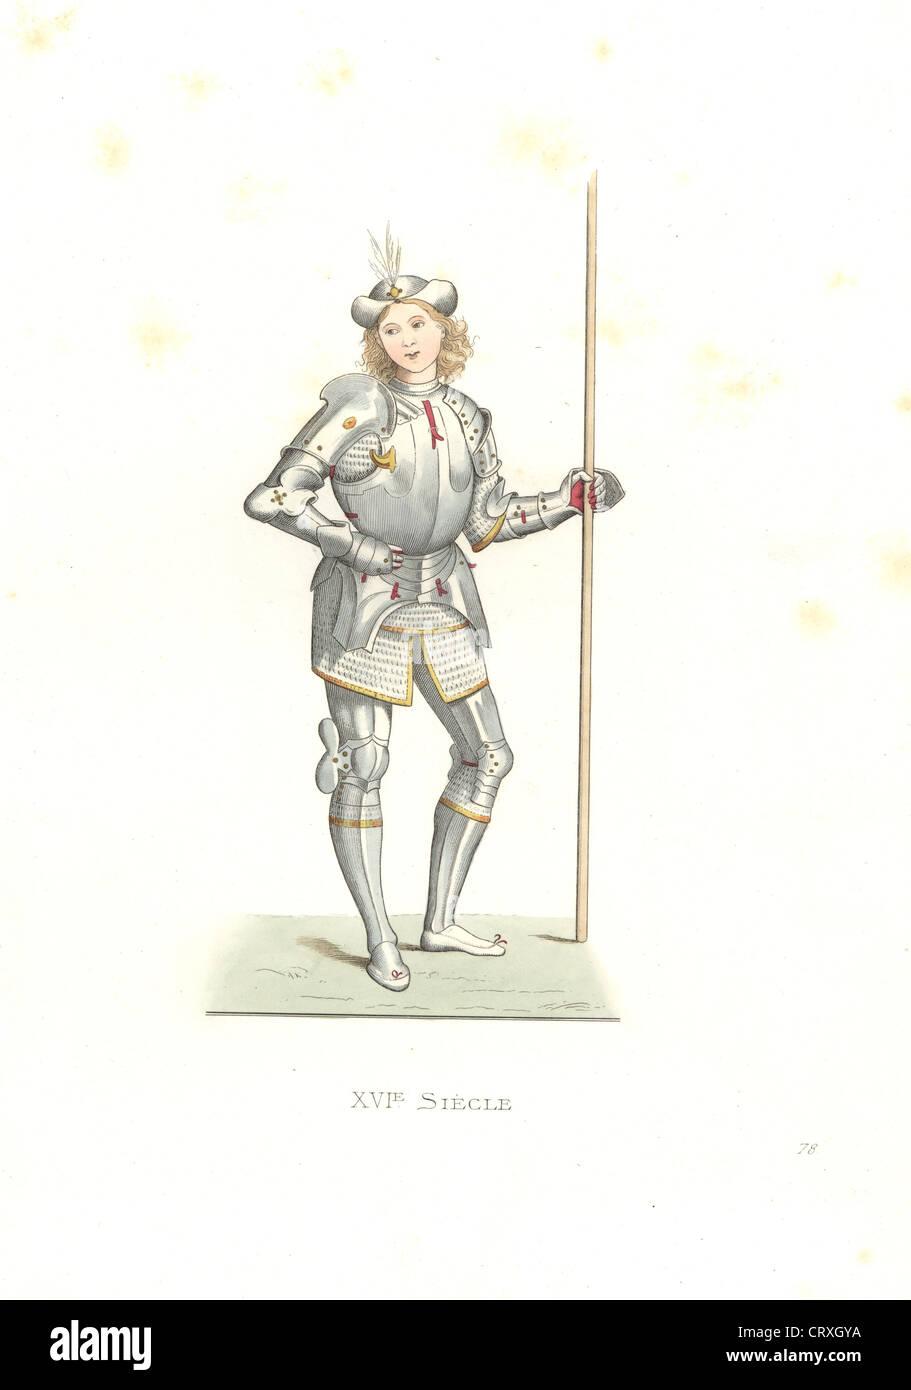 Hombre italiano de armas, del siglo XVI, después de una ilustración del artista italiano Bernardino di Benedetto, il Pinturicchio. Foto de stock